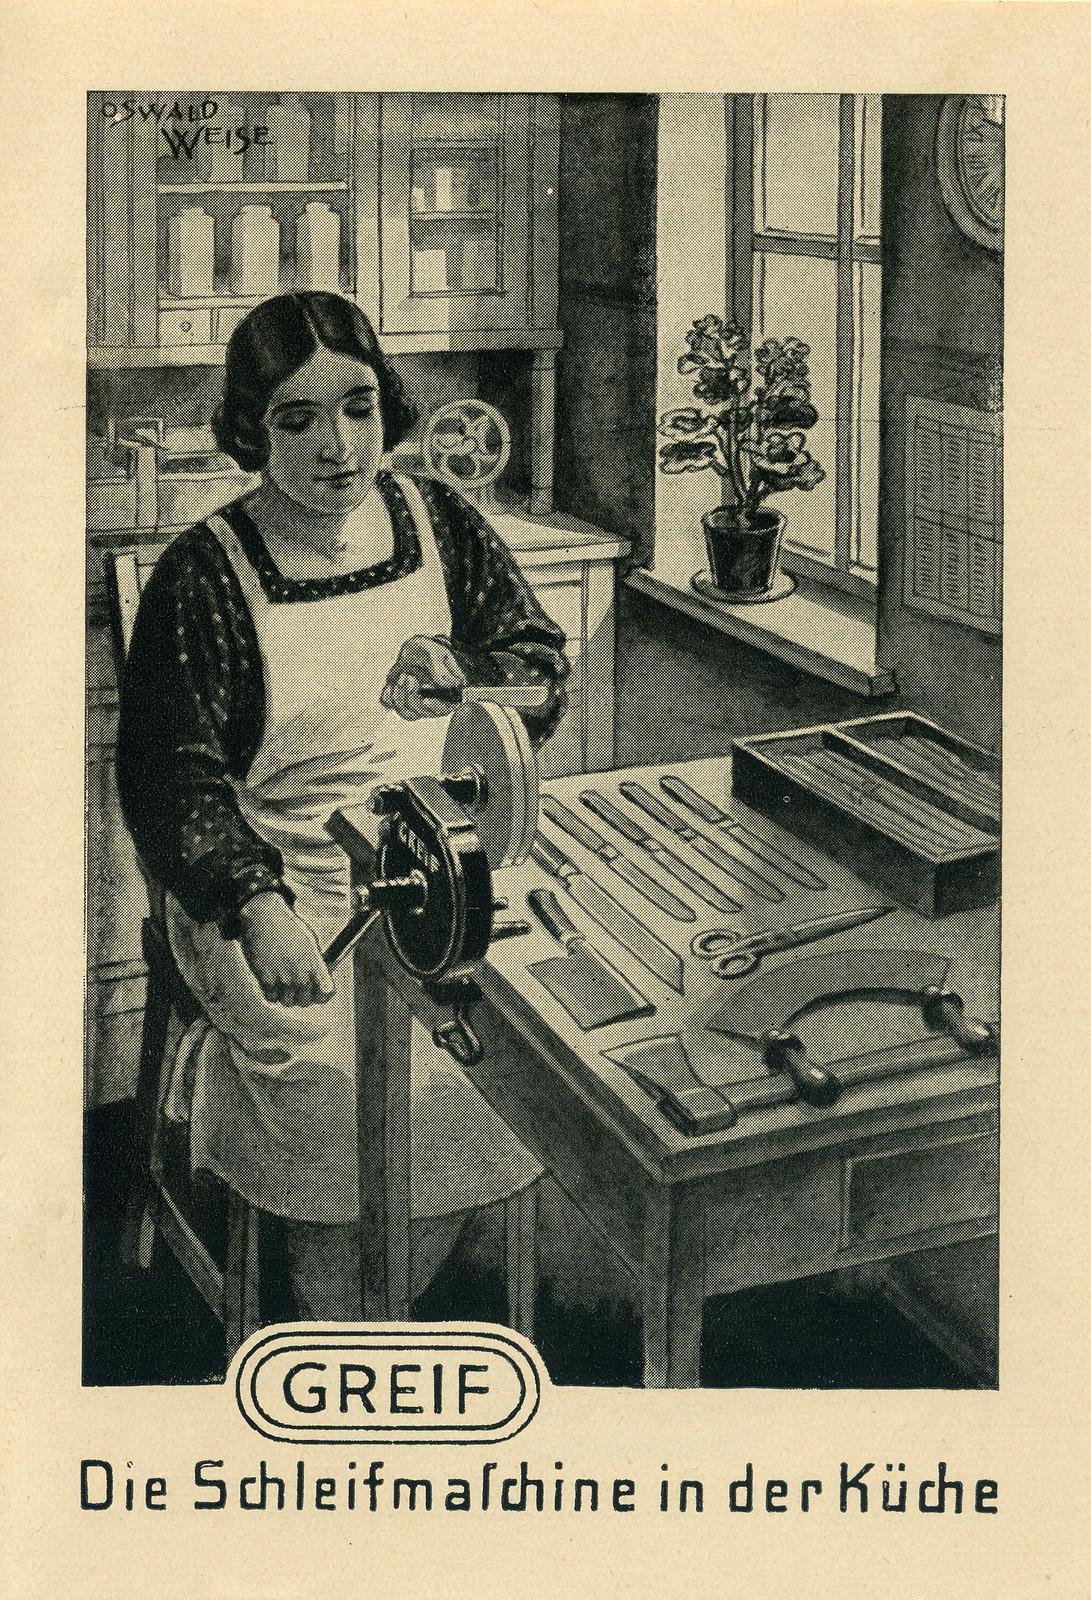 Werbeheftchen für Greif Schleifmaschinen, Bild 11